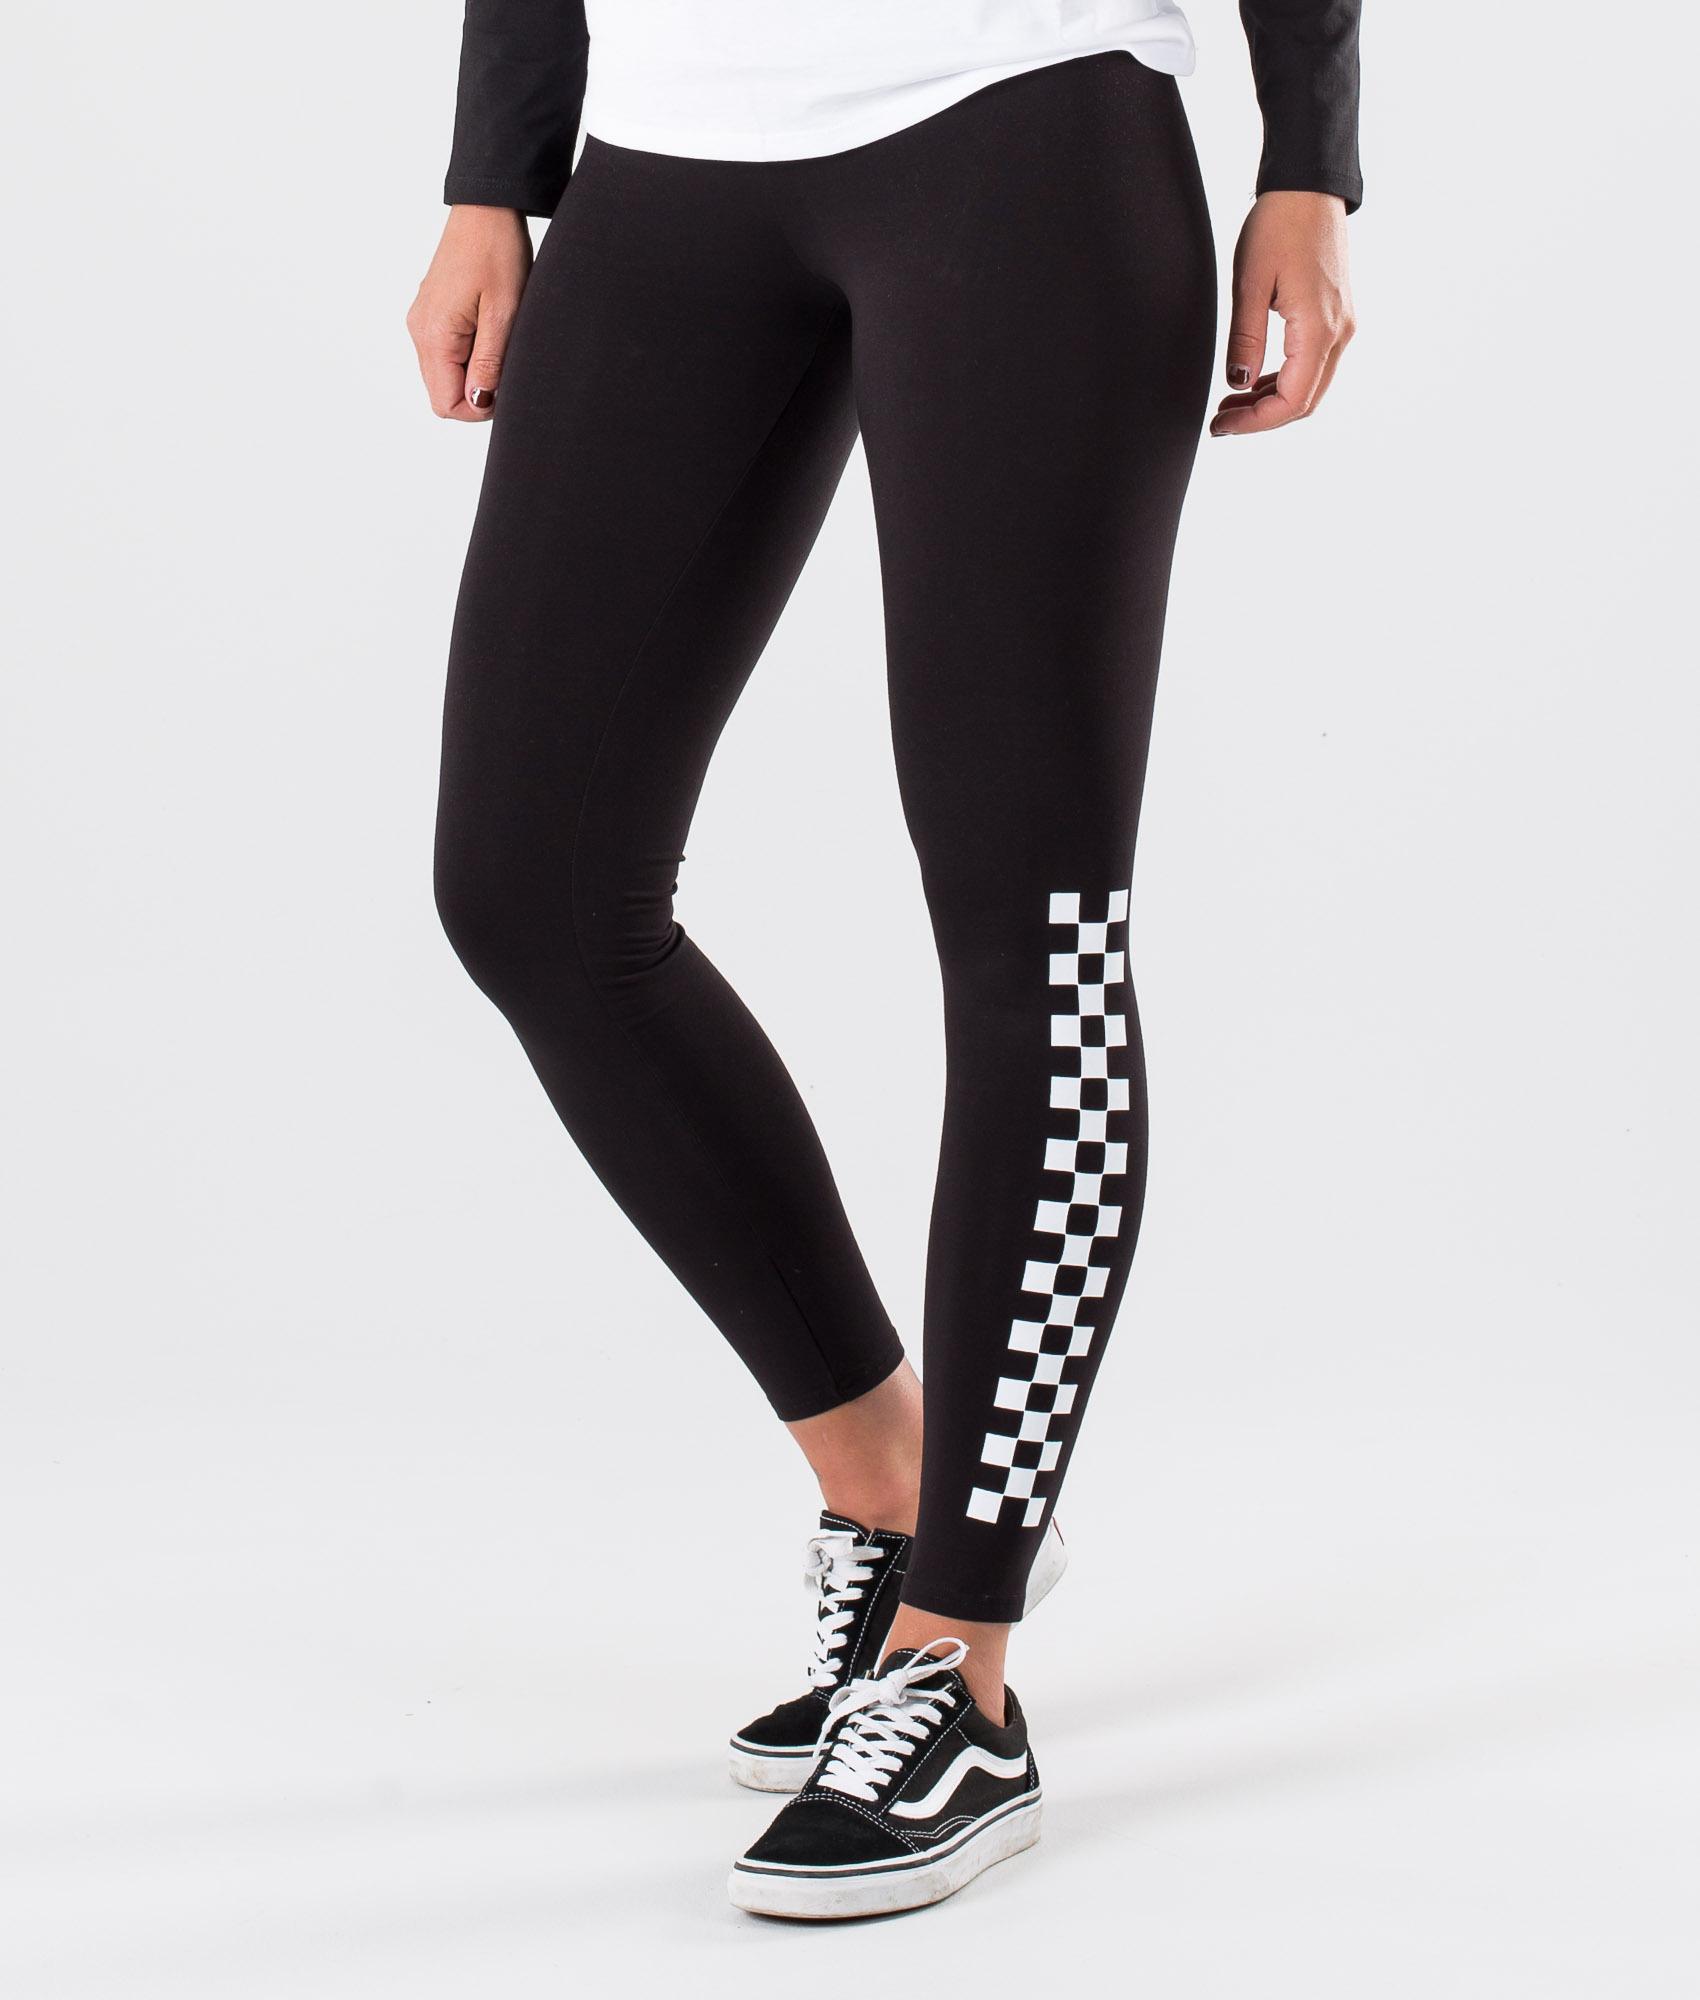 Vans leggings Kaufe hier online! |